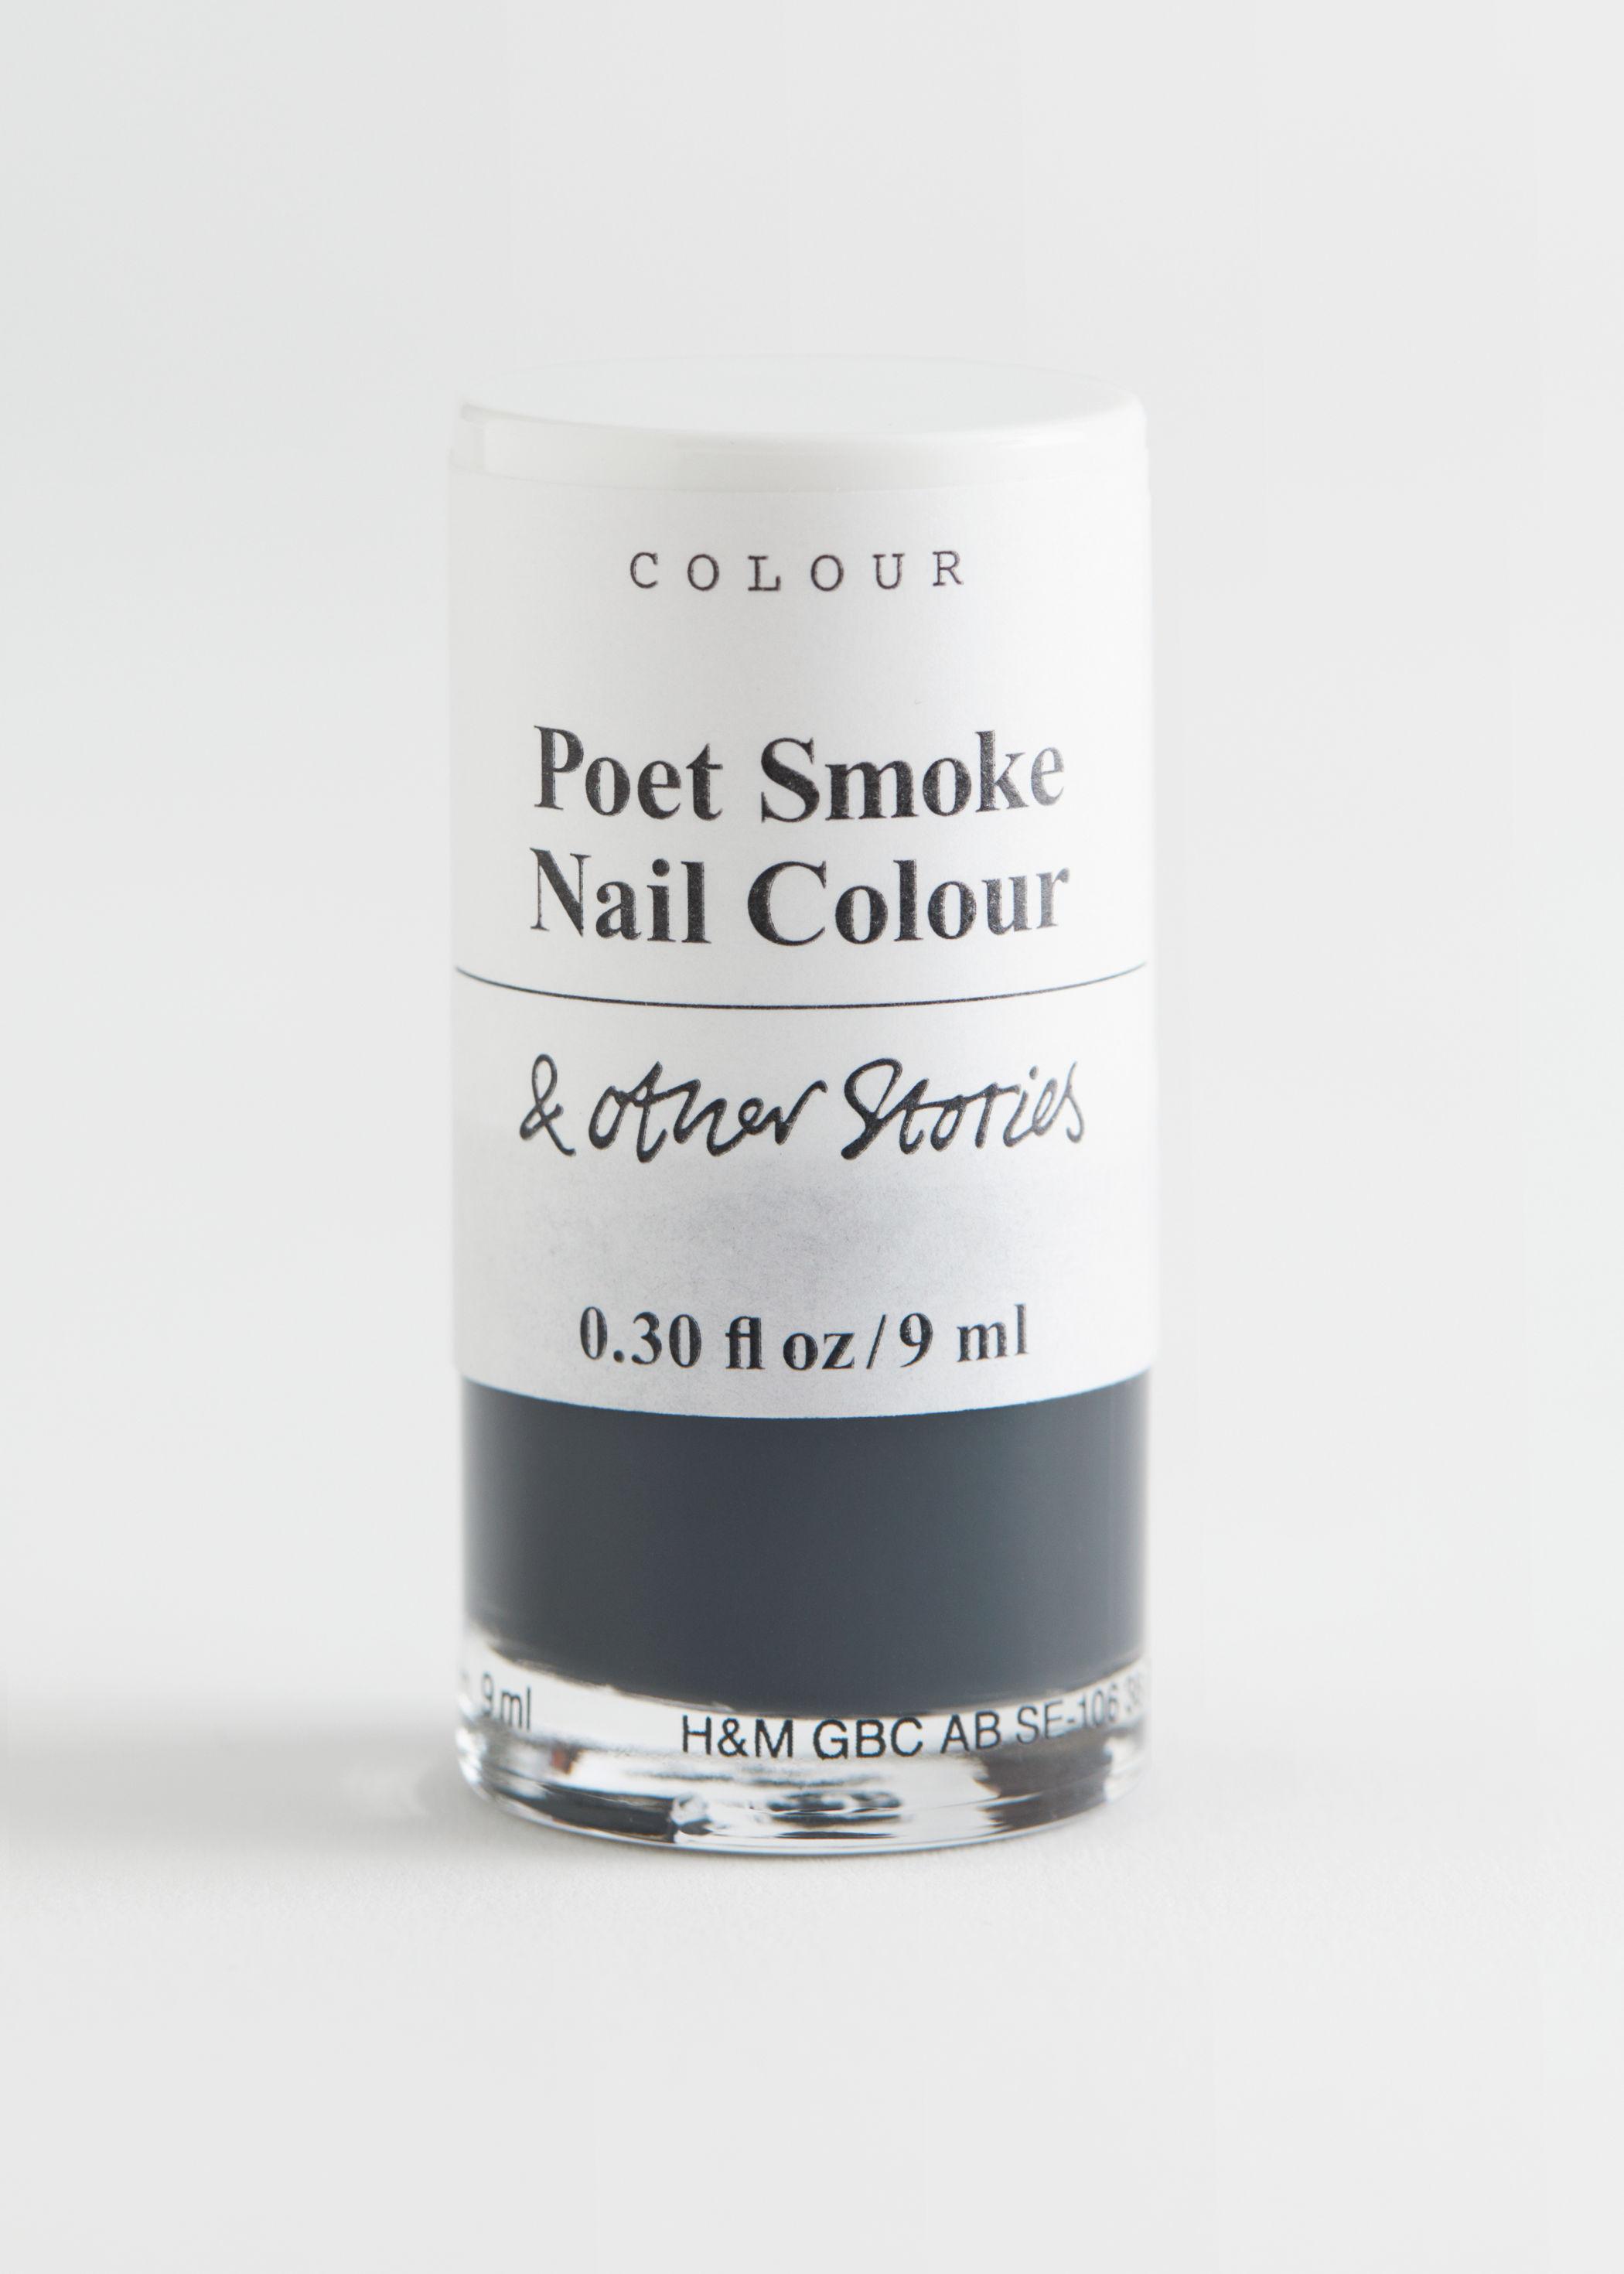 앤 아더 스토리즈 네일 폴리시 매니큐어 & OTHER STORIES Poet Smoke Nail Polish